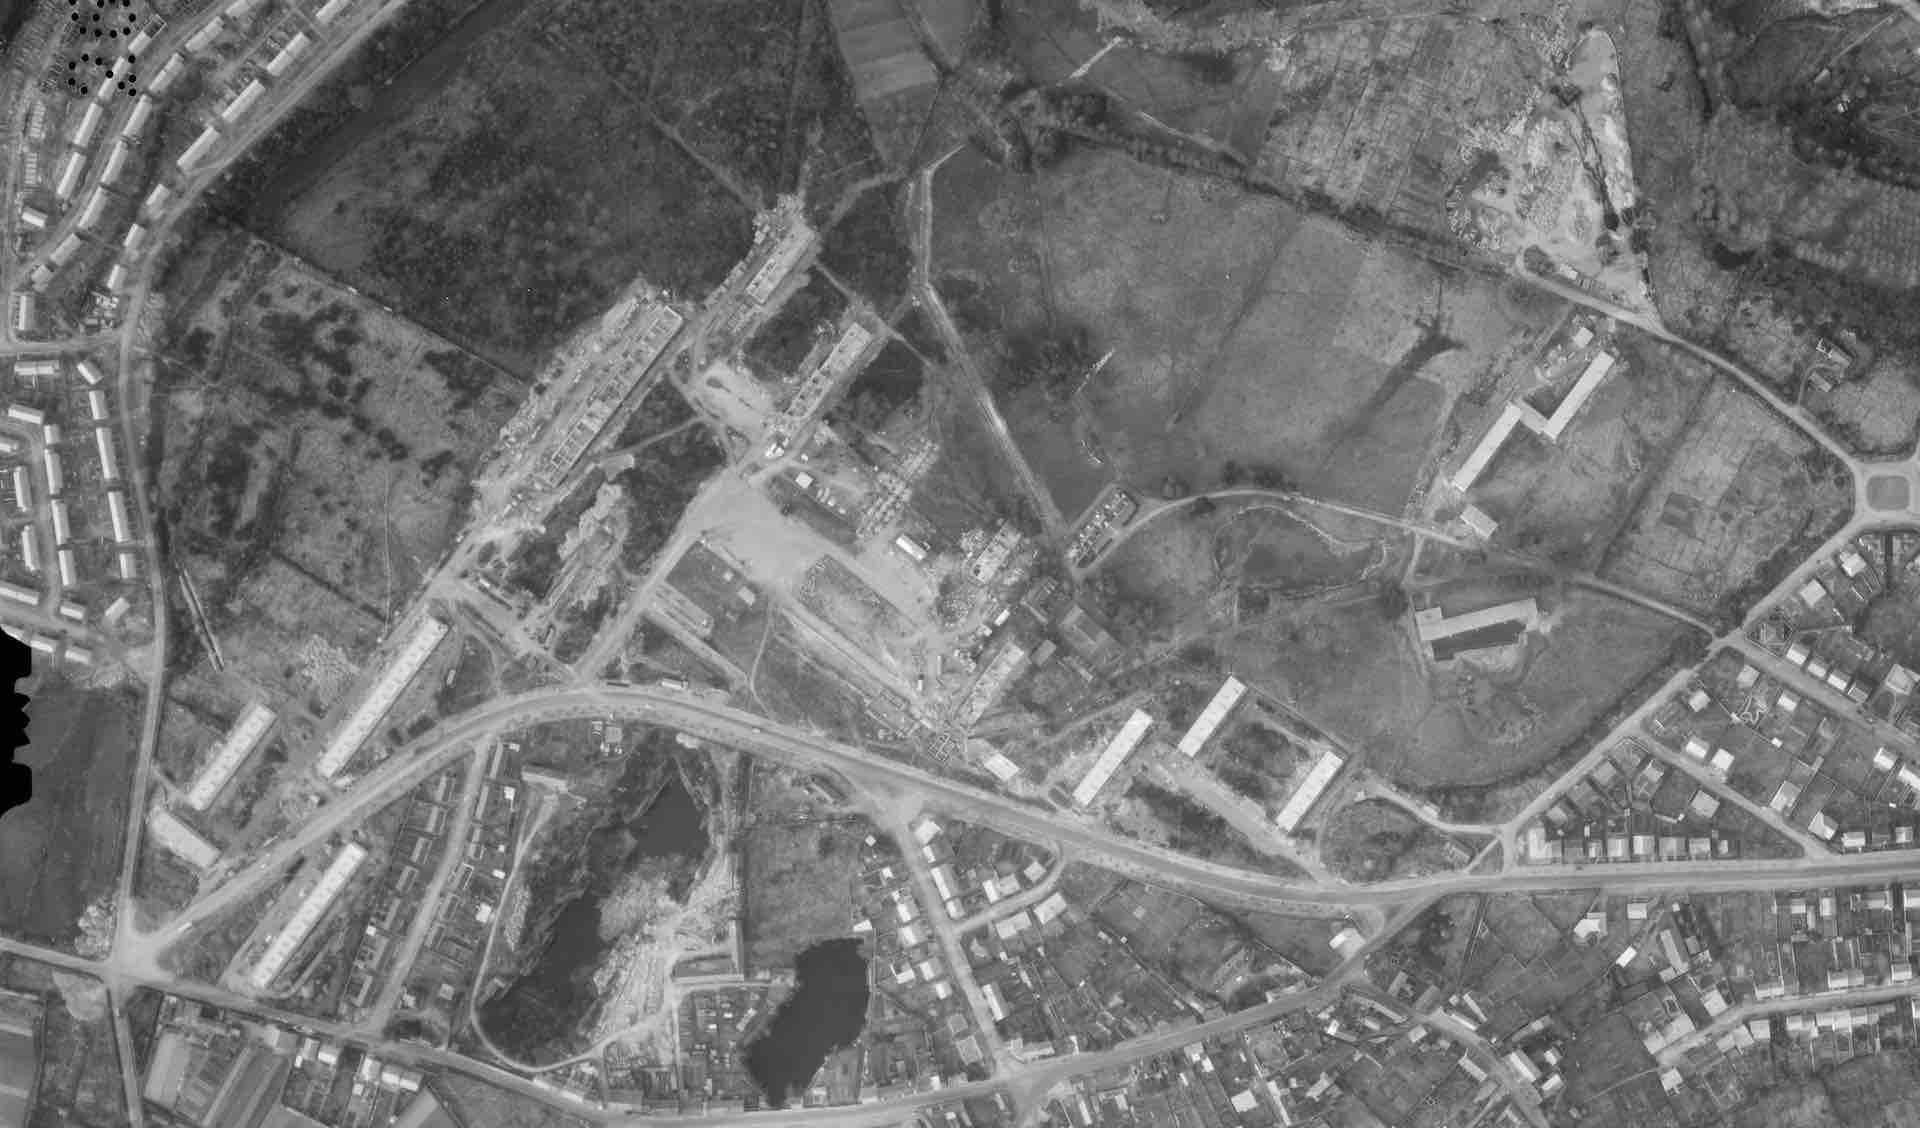 Dervallieres_1959